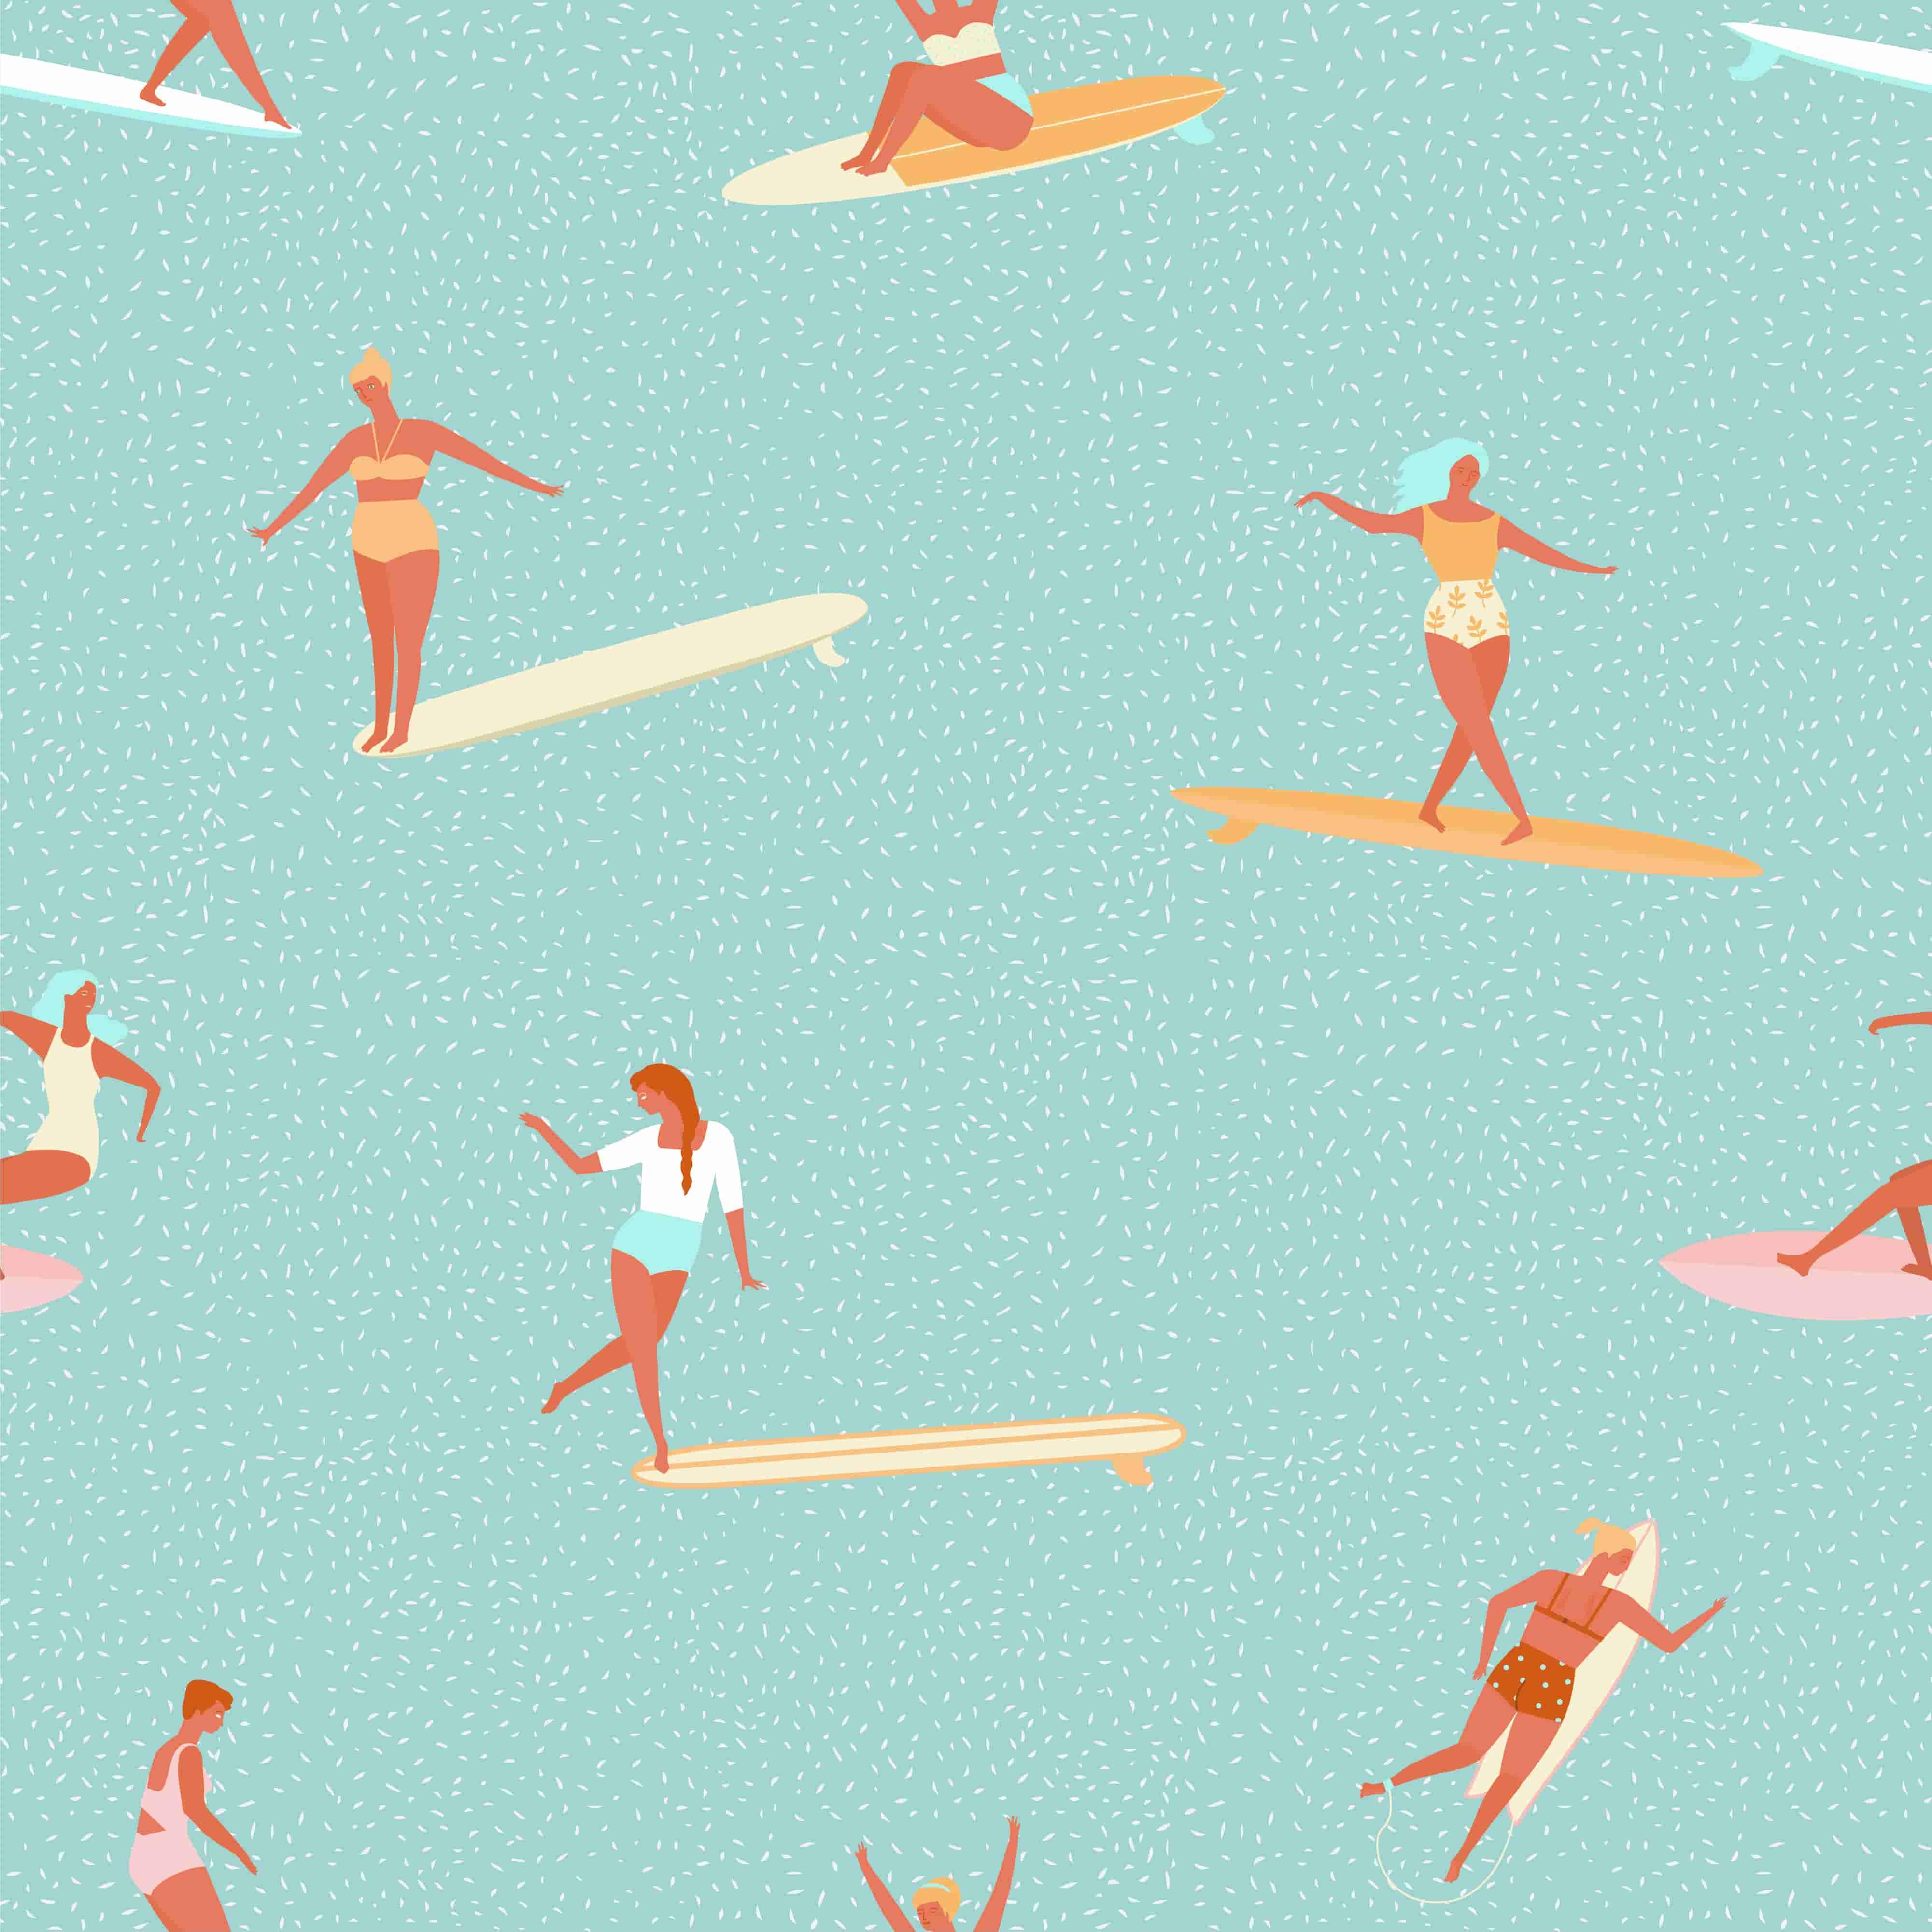 practicar deportes acuáticos en la playa en verano kaiku sin lactosa